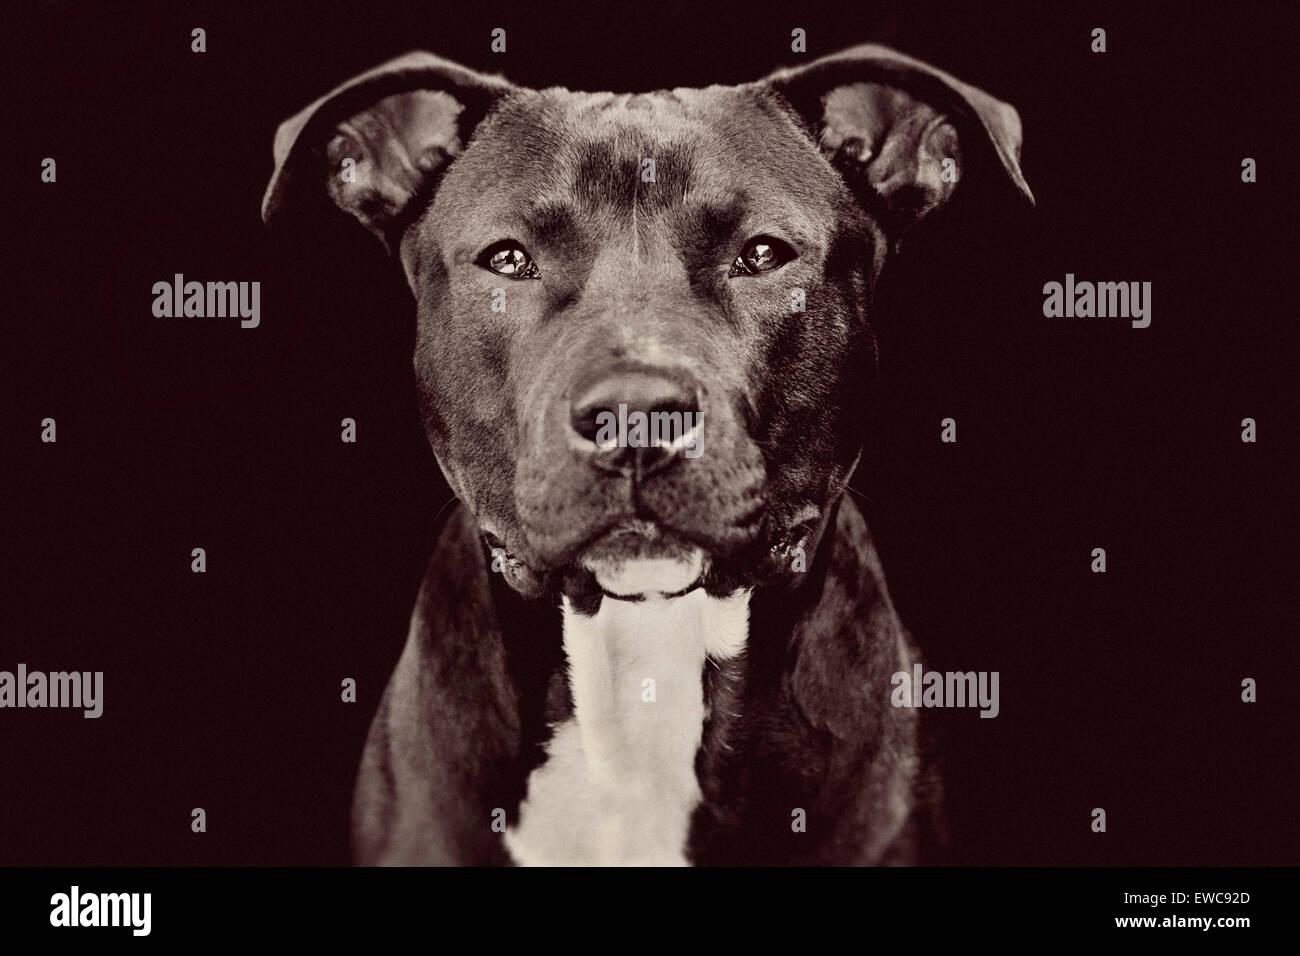 Retrato de estudio de un medio adulto grande Pitbull perro negro sobre fondo negro frente a cámara con ojos de remachado Foto de stock